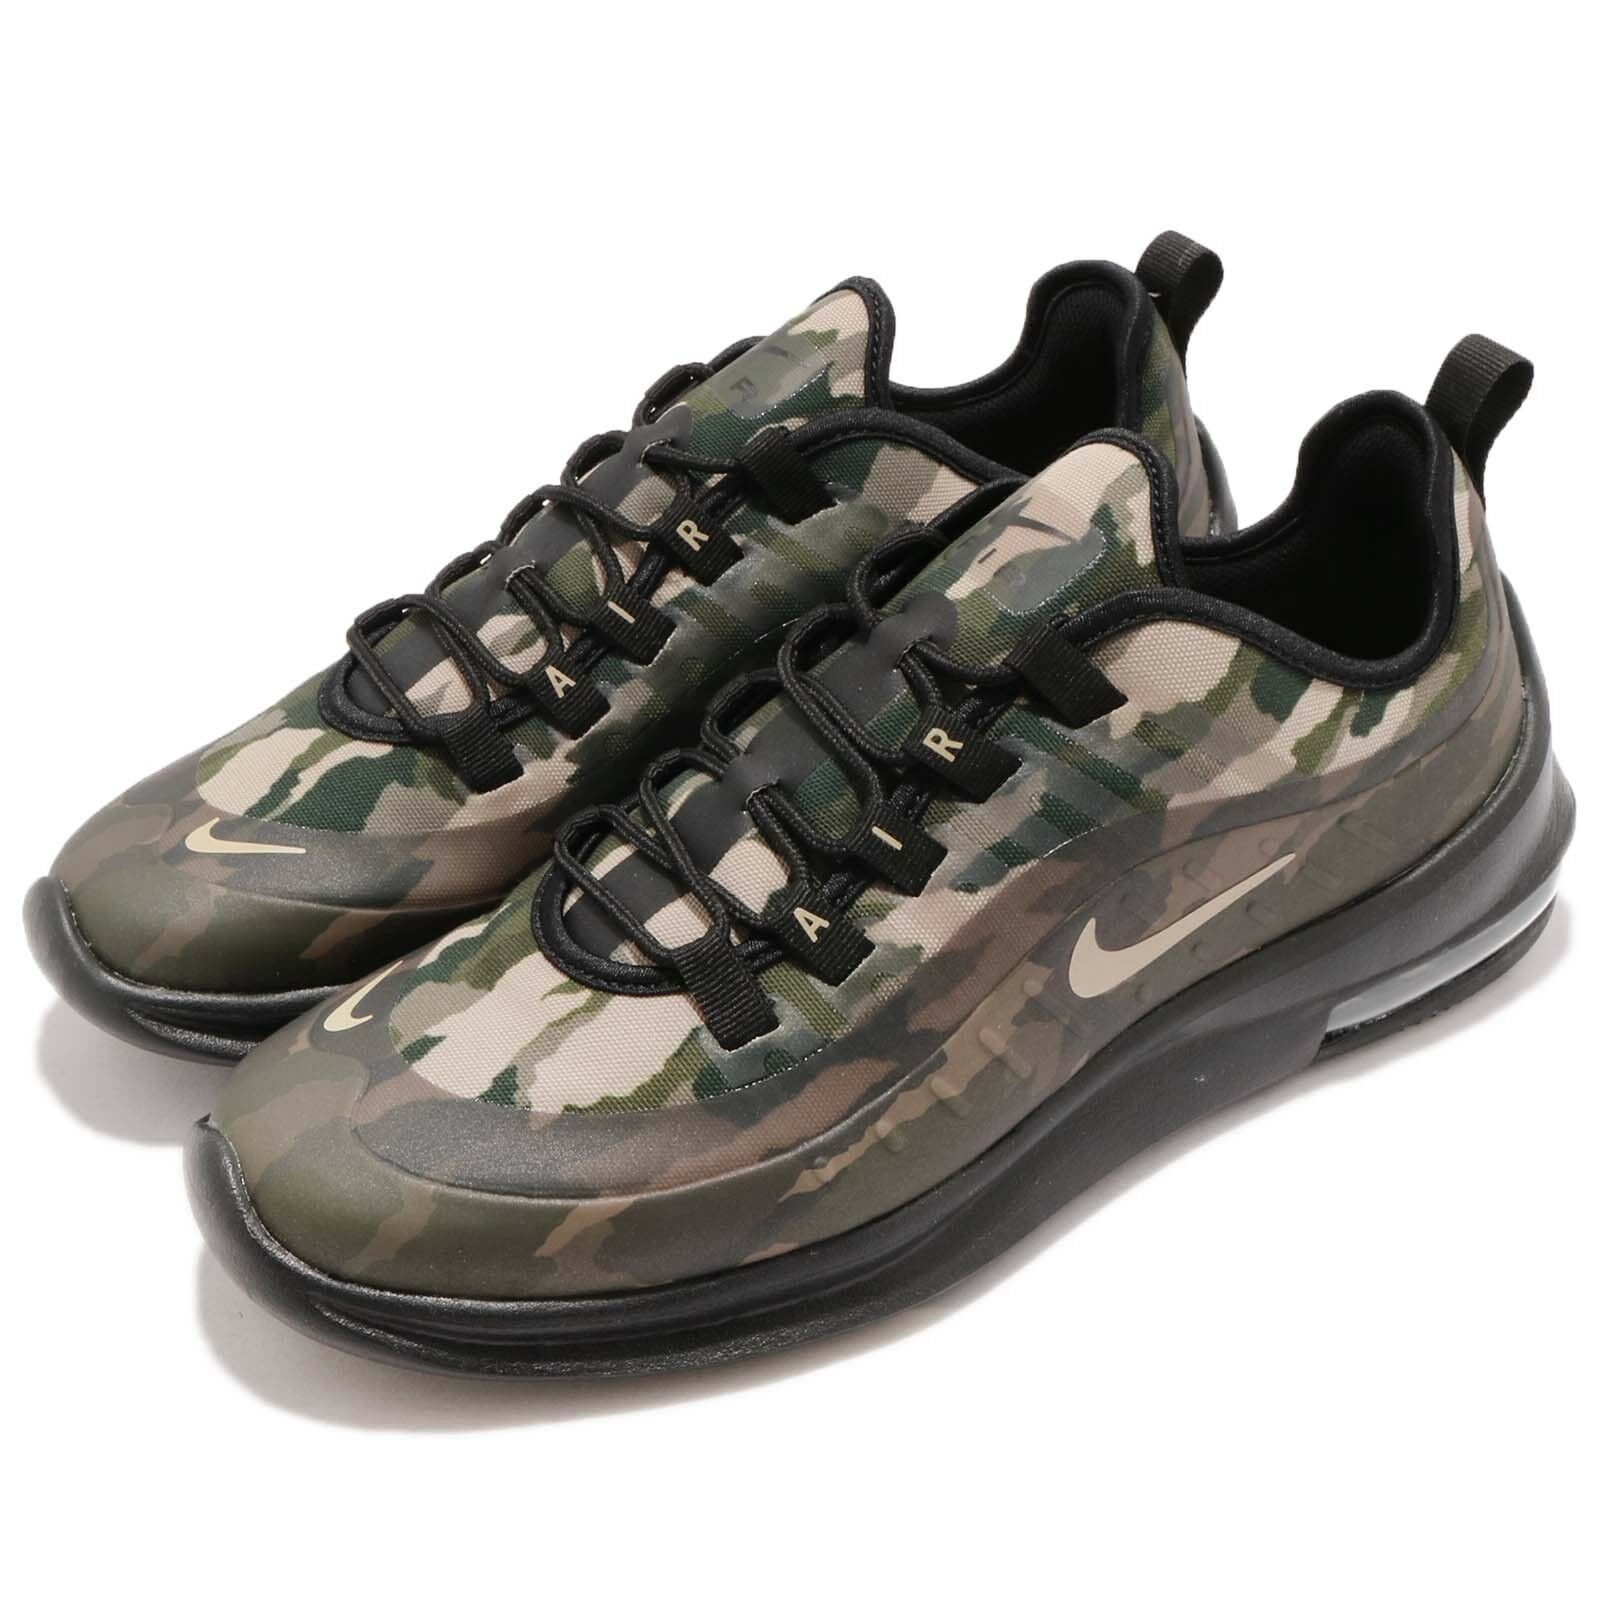 super popular a0a4f 80a46 Nike air max asse asse asse prem nero fungo mimetico uomini scarpe da  corsa. aa2148-002   Design lussureggiante   Uomini Donne Scarpa e9b851